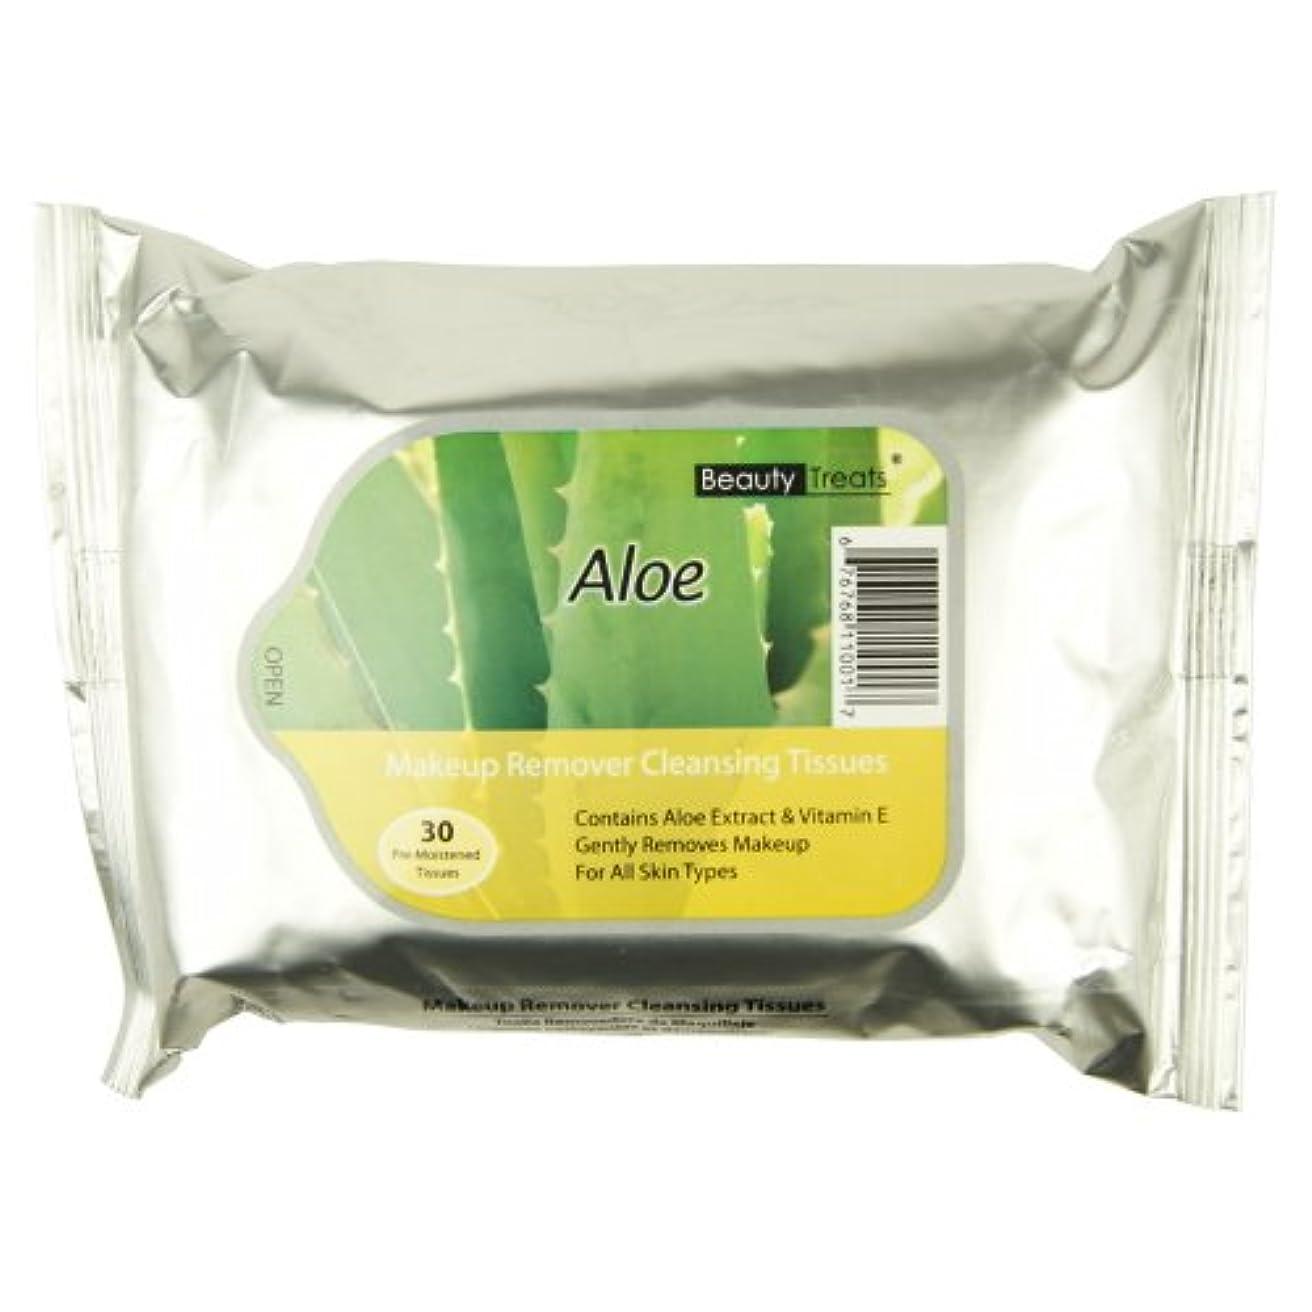 消える優しさかなりのBEAUTY TREATS Makeup Remover Cleansing Tissues - Aloe (並行輸入品)